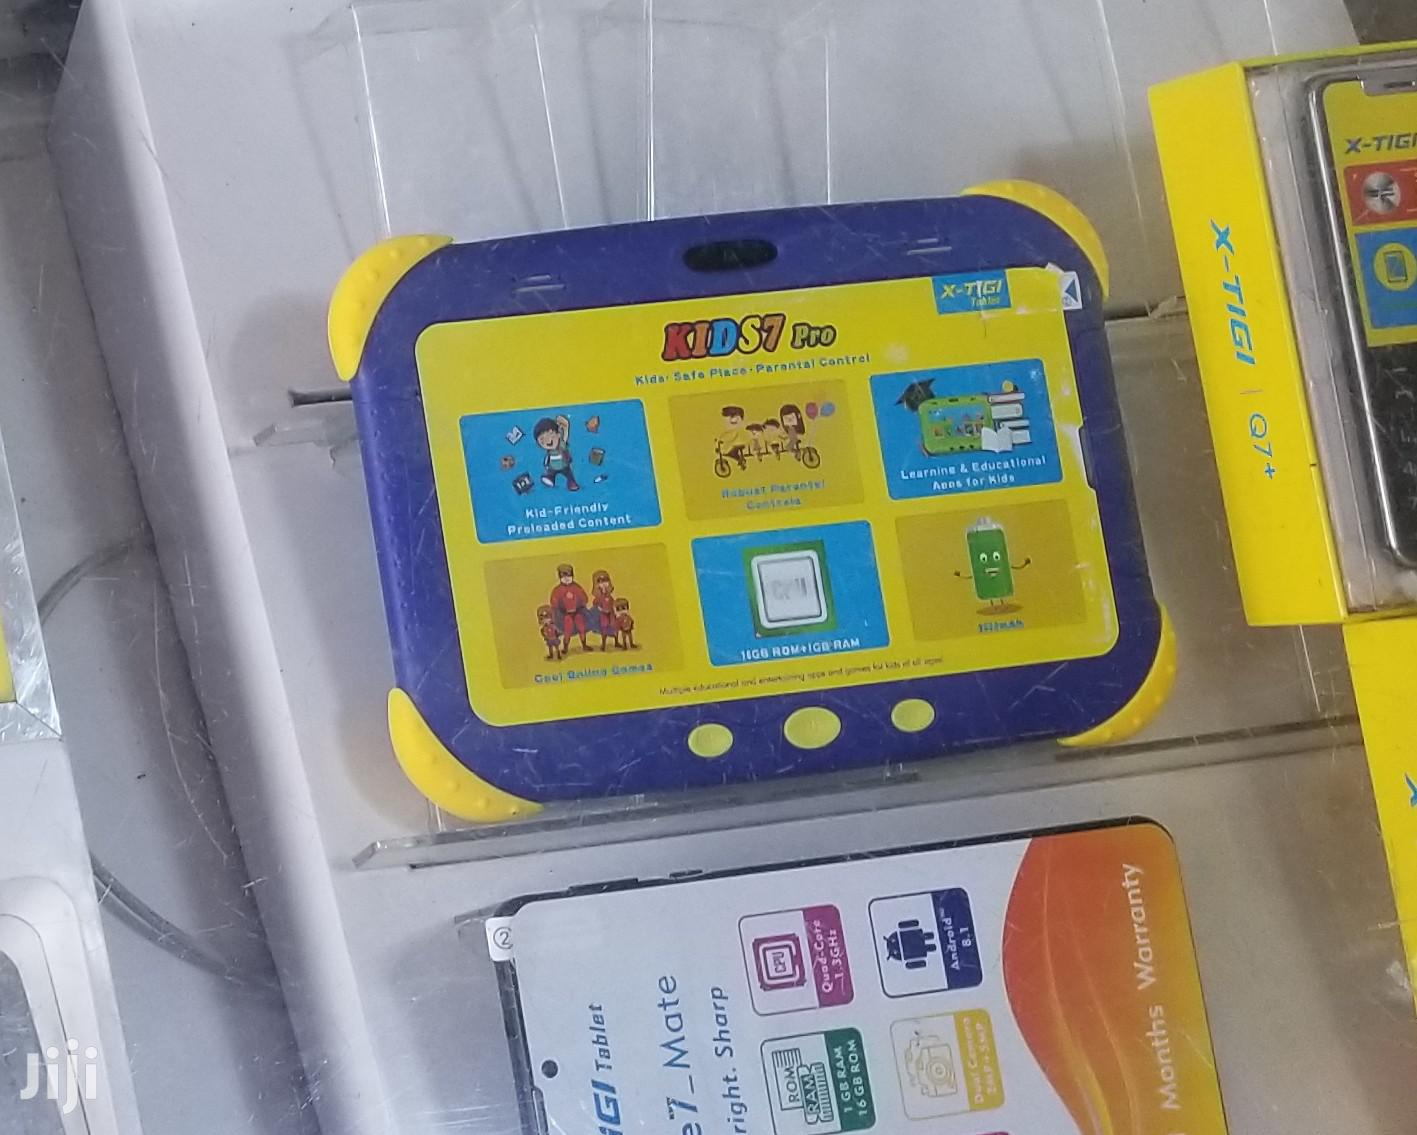 New X-tigi Kids 7 Pro 32 GB Blue